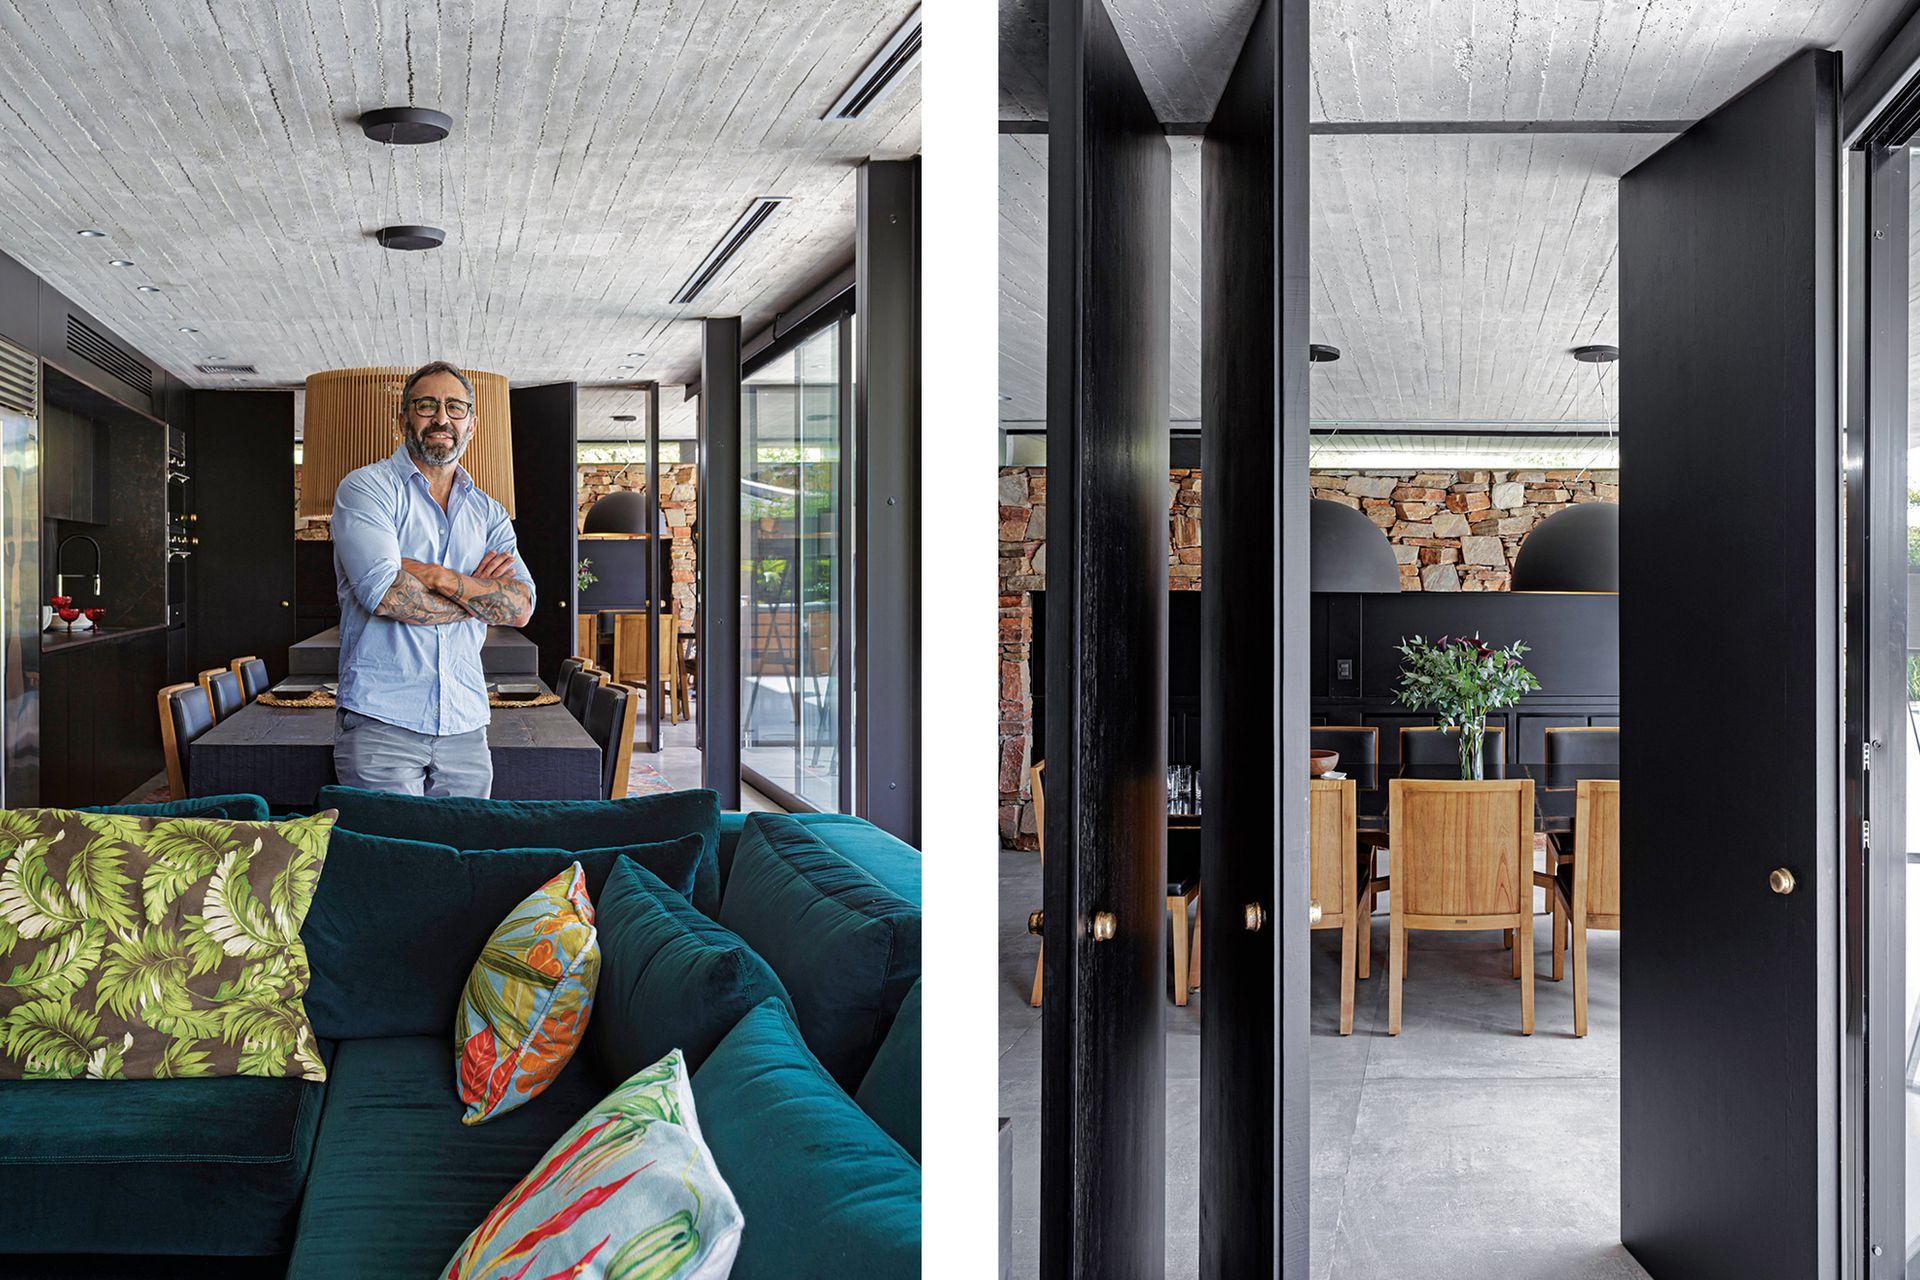 Hecho a medida, más profundo que lo habitual, el sillón se tapizó en terciopelo y se lo combinó con almohadones de motivos botánicos. Detrás, el arquitecto Negro Williams.